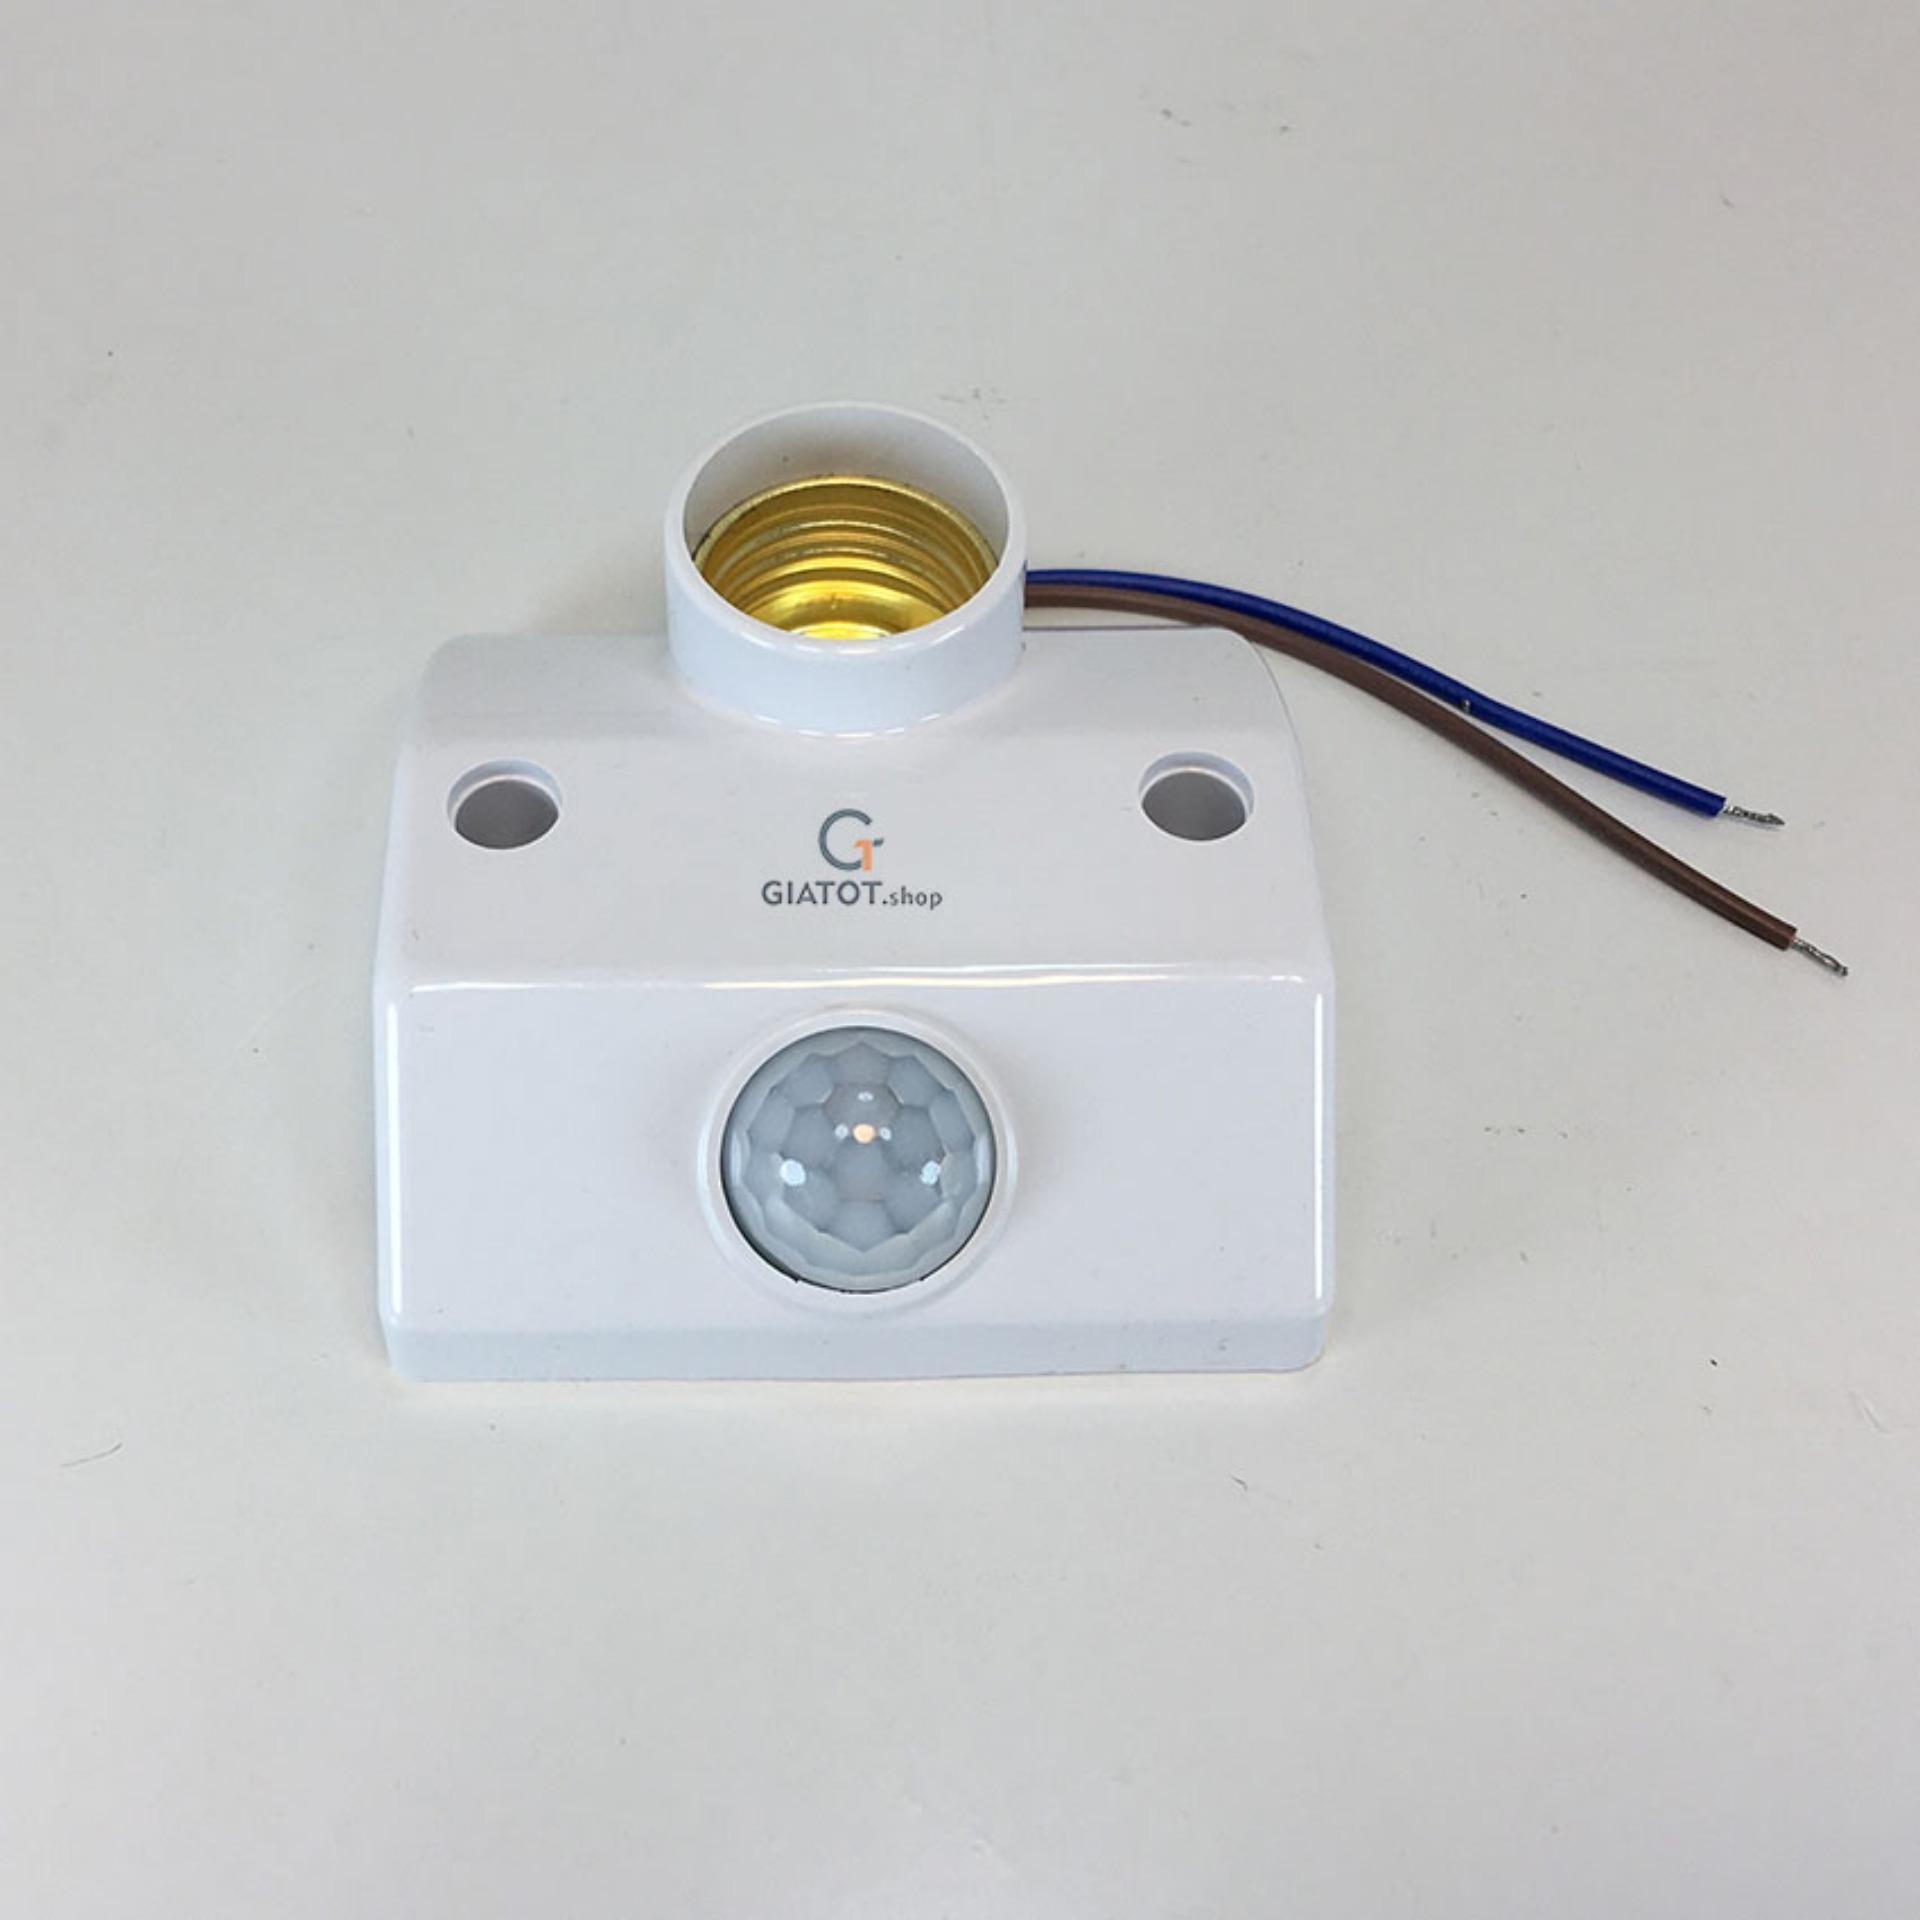 Nơi Bán Đui đèn cảm ứng hồng ngoại bật tắt GIATOT.shop ZD1309